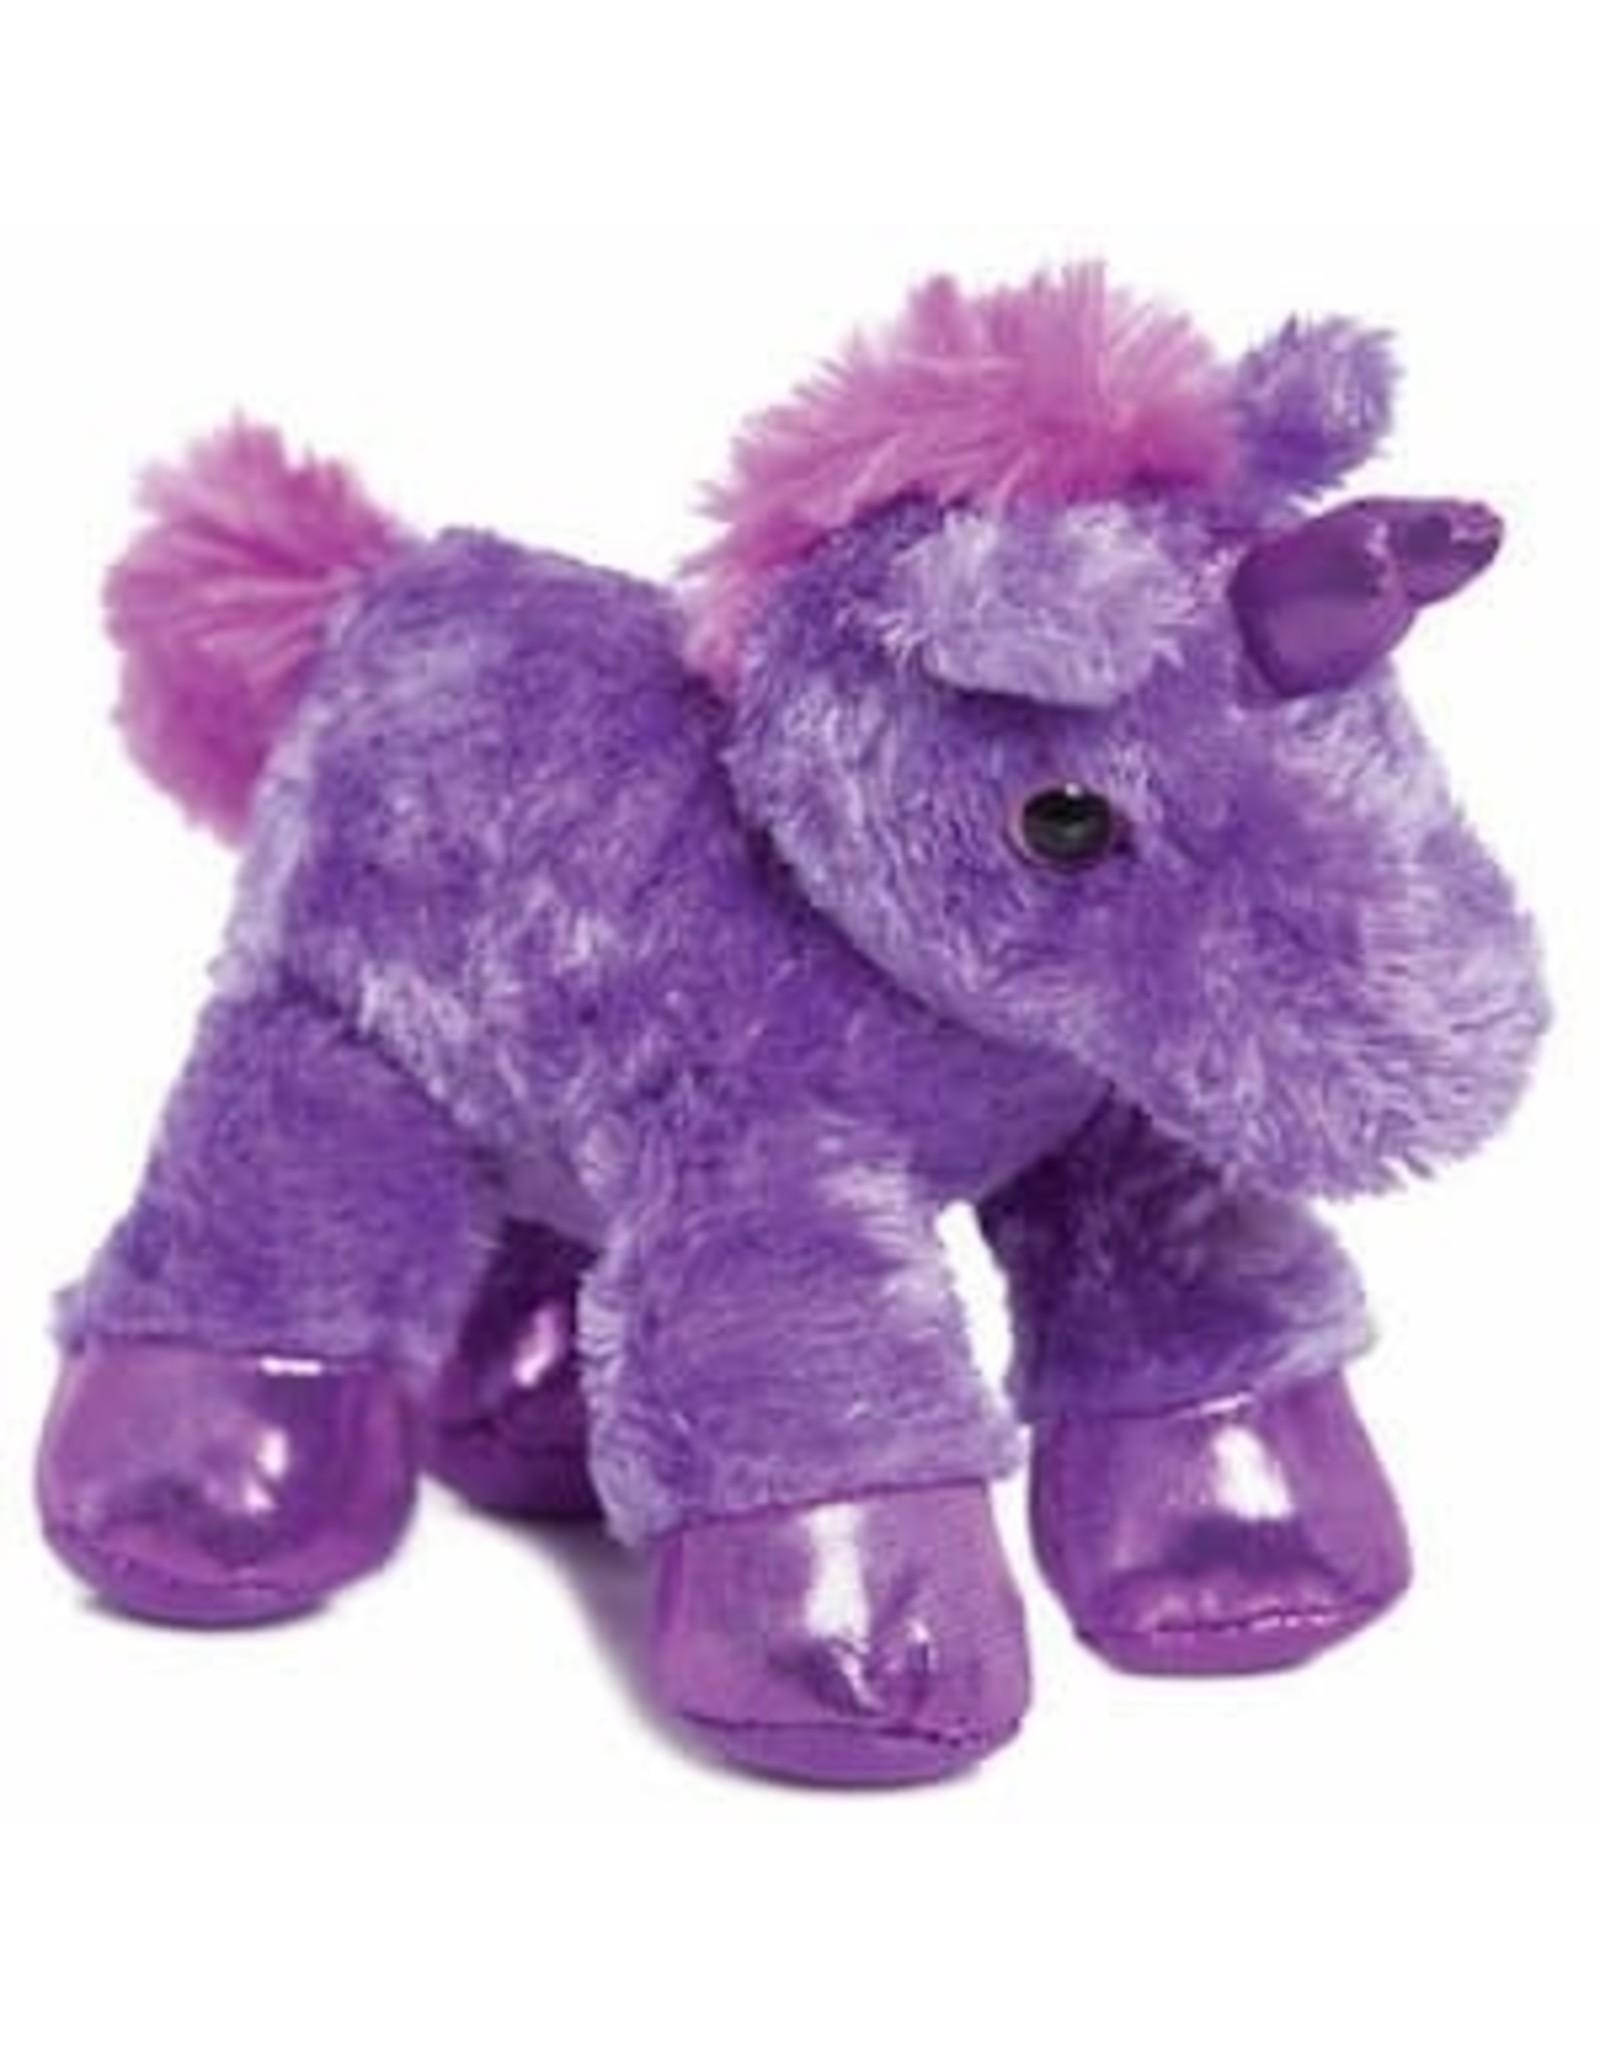 Flopsies Toys - Flopsies unicorn plush lila